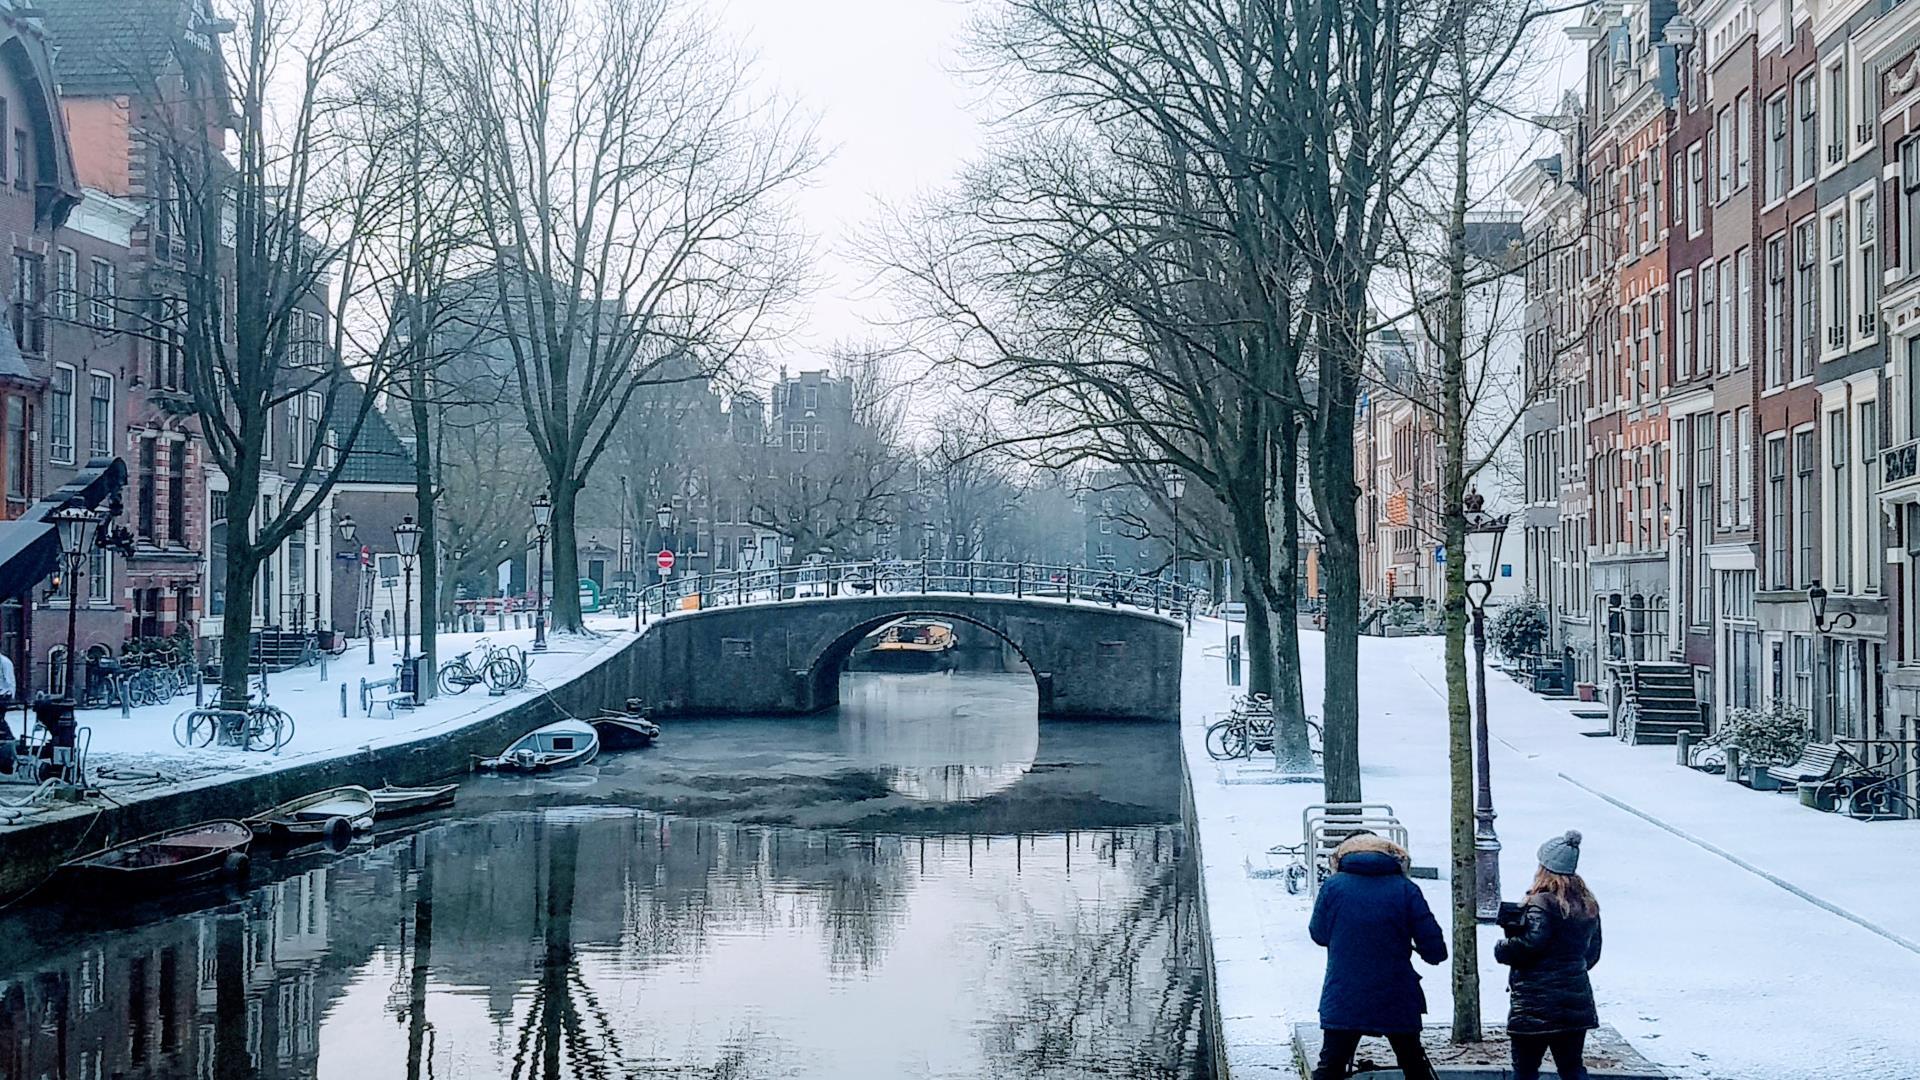 papier sneeuw op straat in Amsterdam, Goldfinch